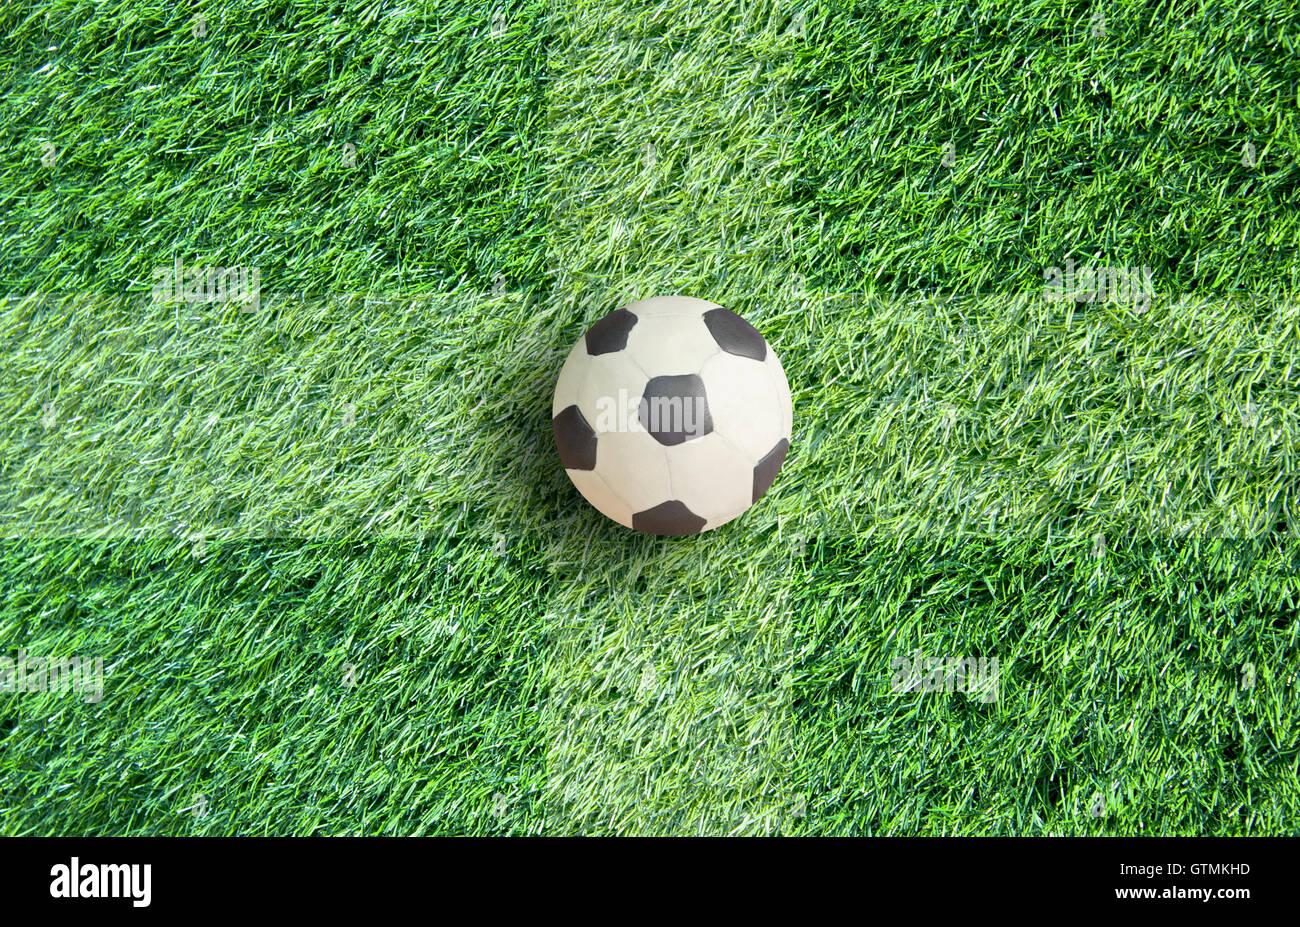 plastilin fu ball auf rasen hintergrund stockfoto bild 118468377 alamy. Black Bedroom Furniture Sets. Home Design Ideas